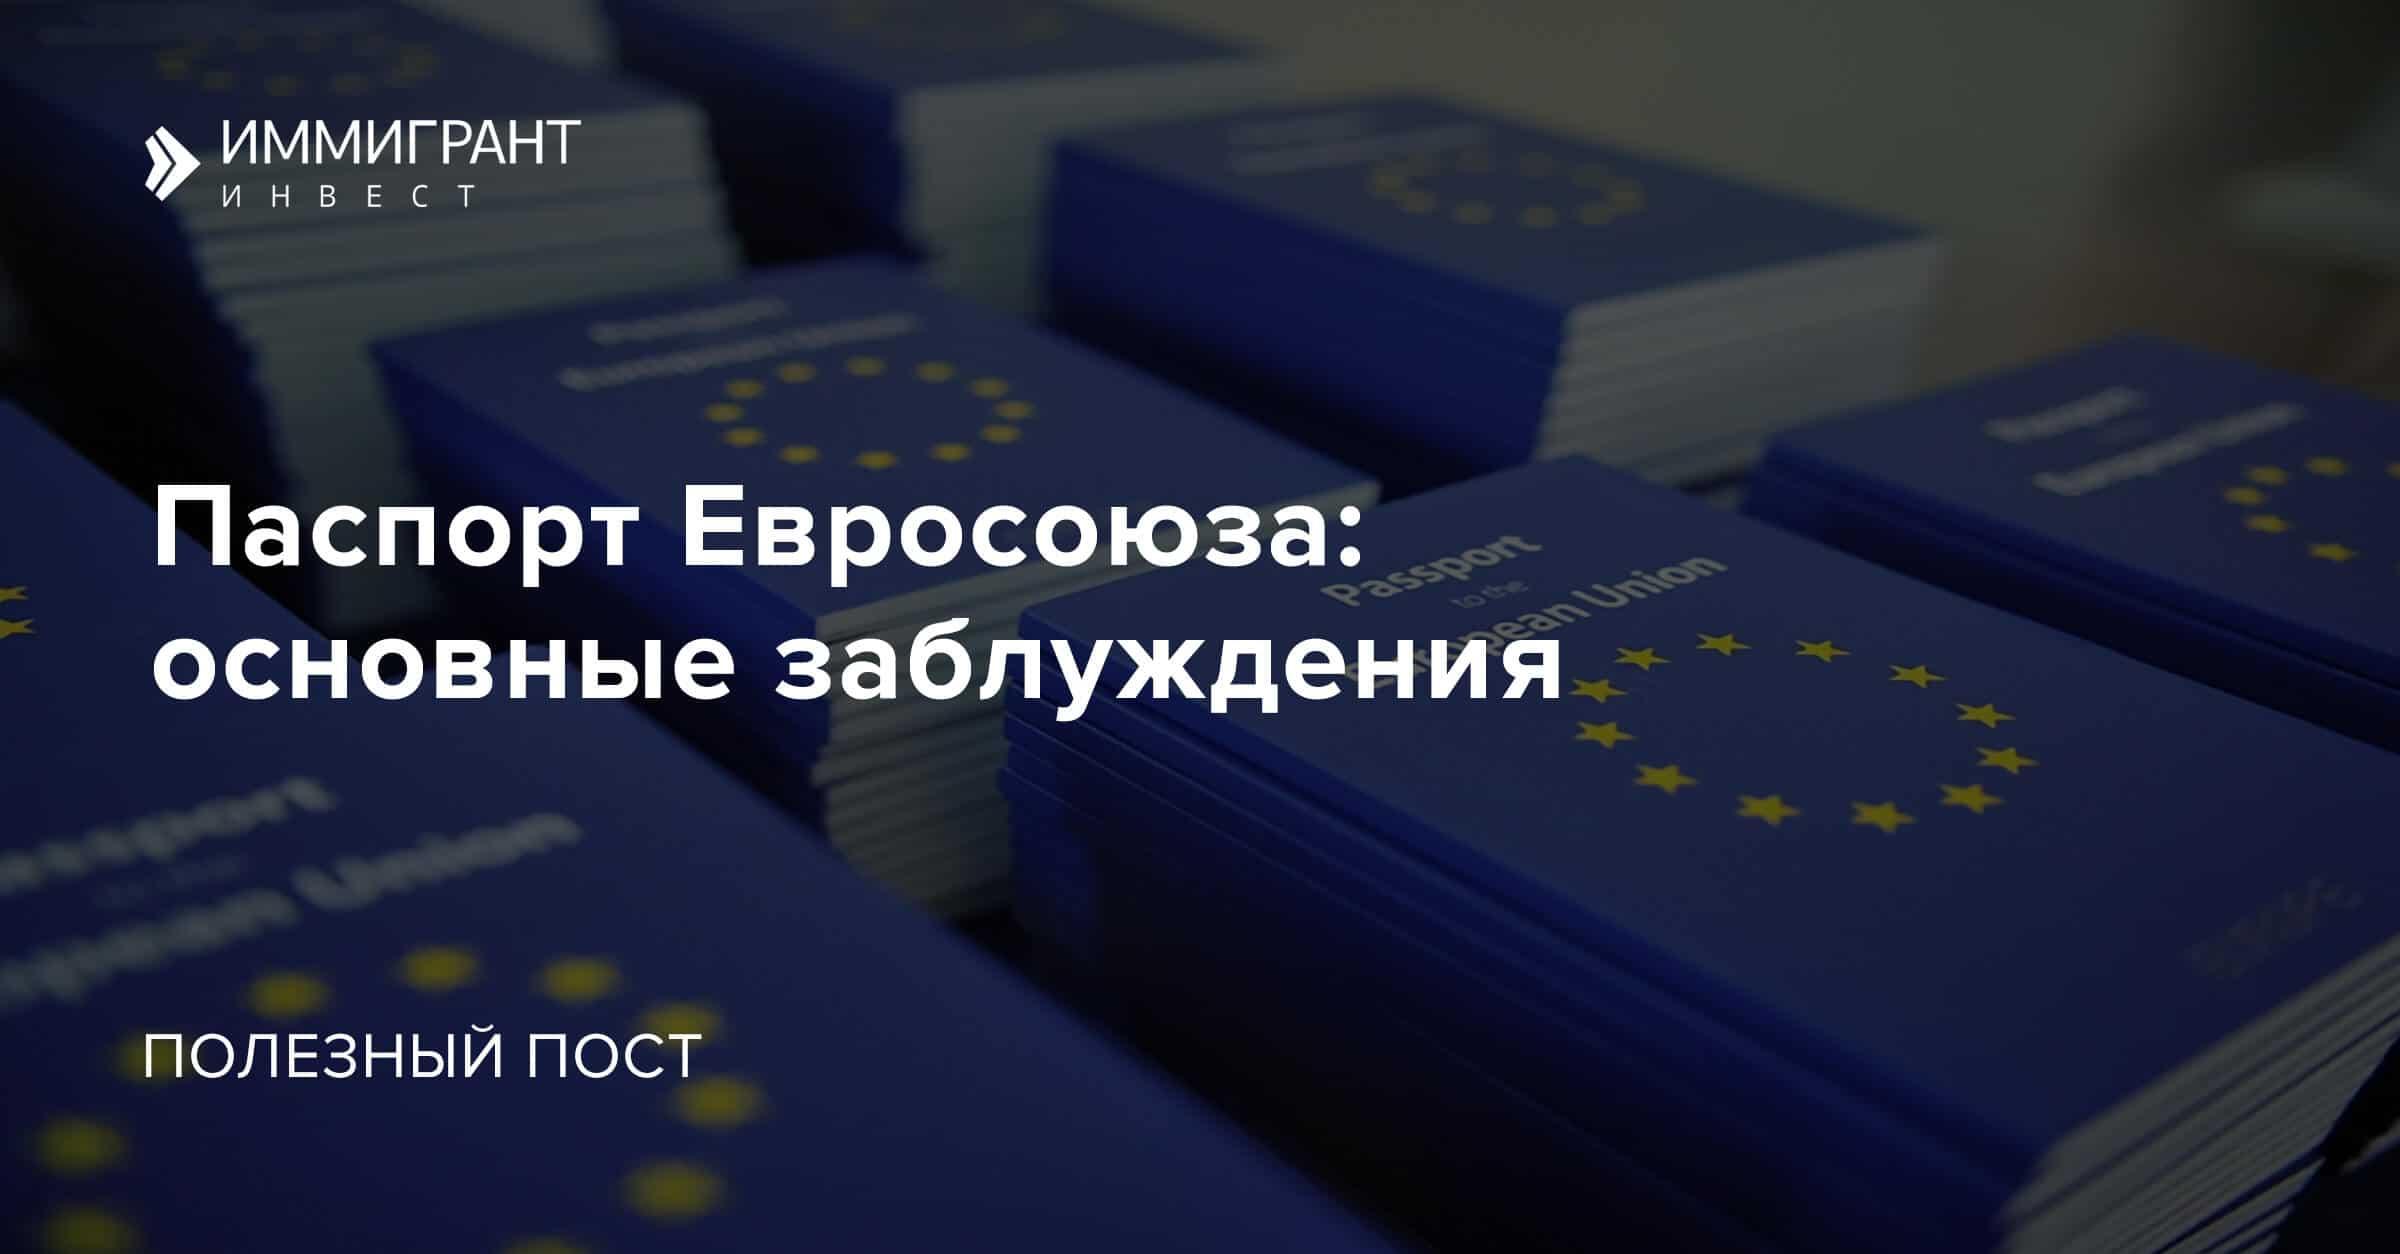 Гражданство и паспорт ЕС  10 основных заблуждения → Иммигрант Инвест cd29d817e23